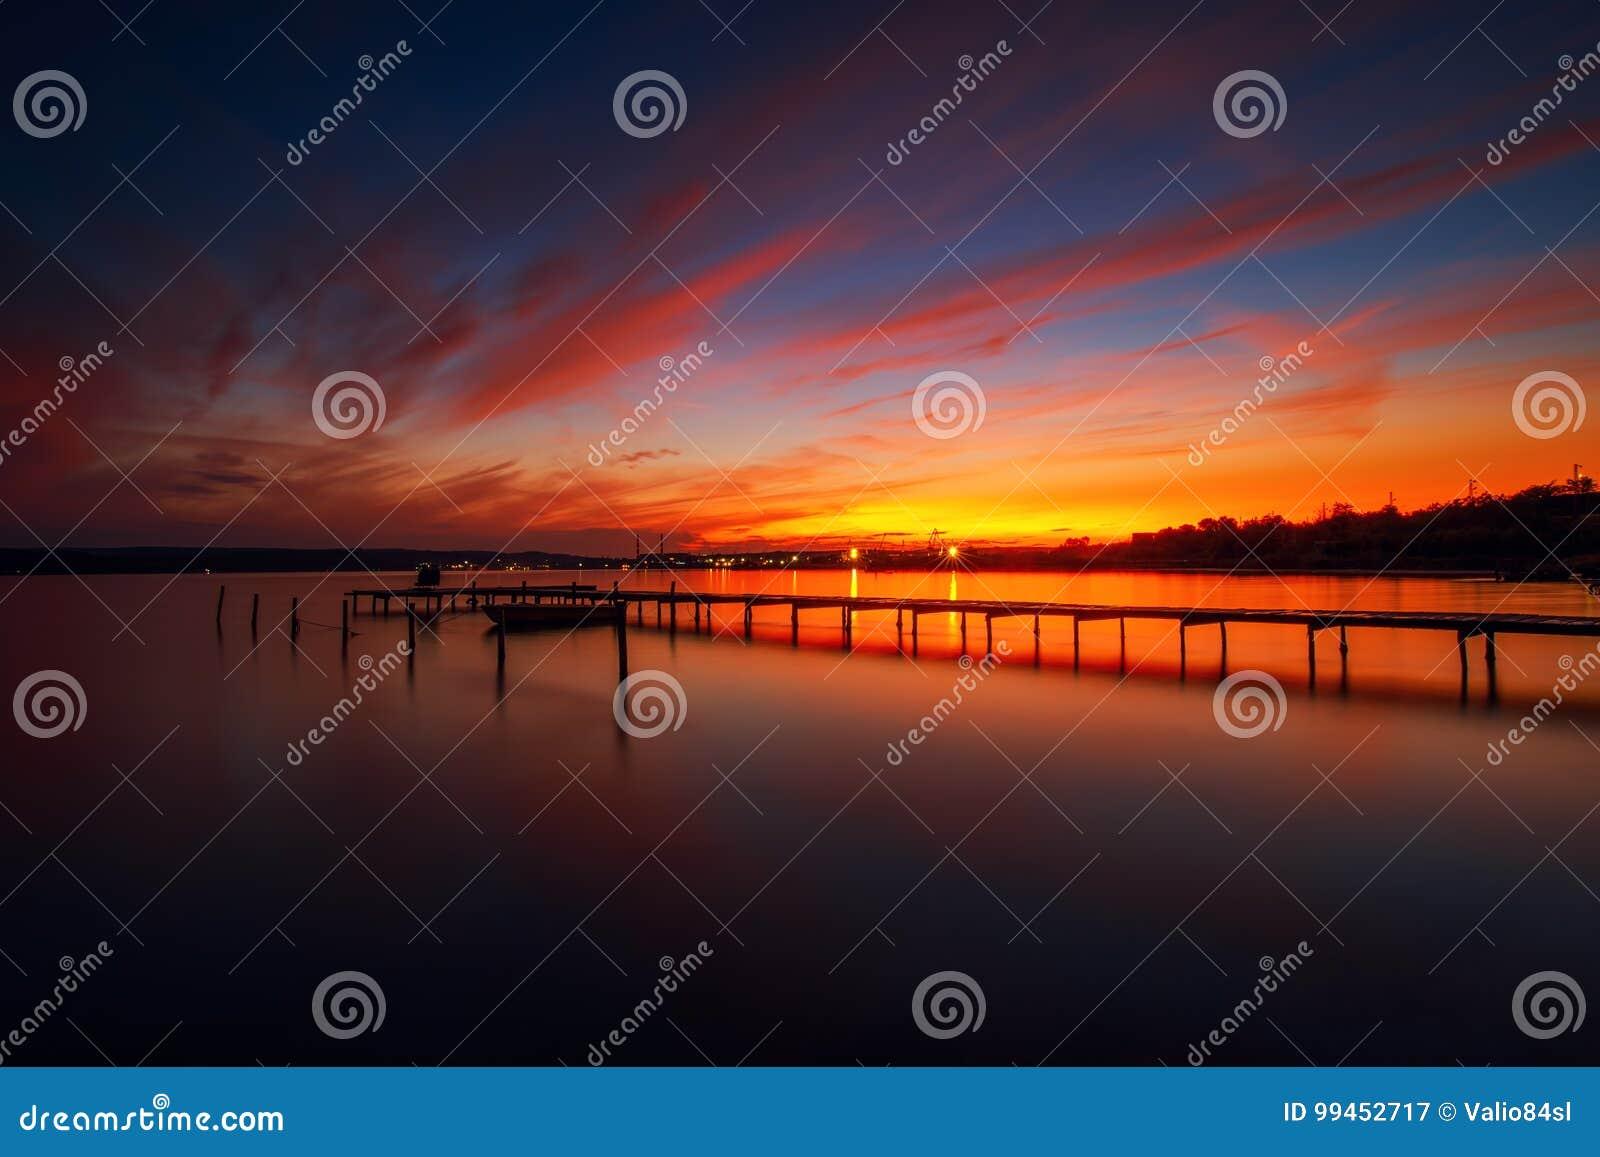 Houten Dok en vissersboot bij het meer, zonsondergangschot